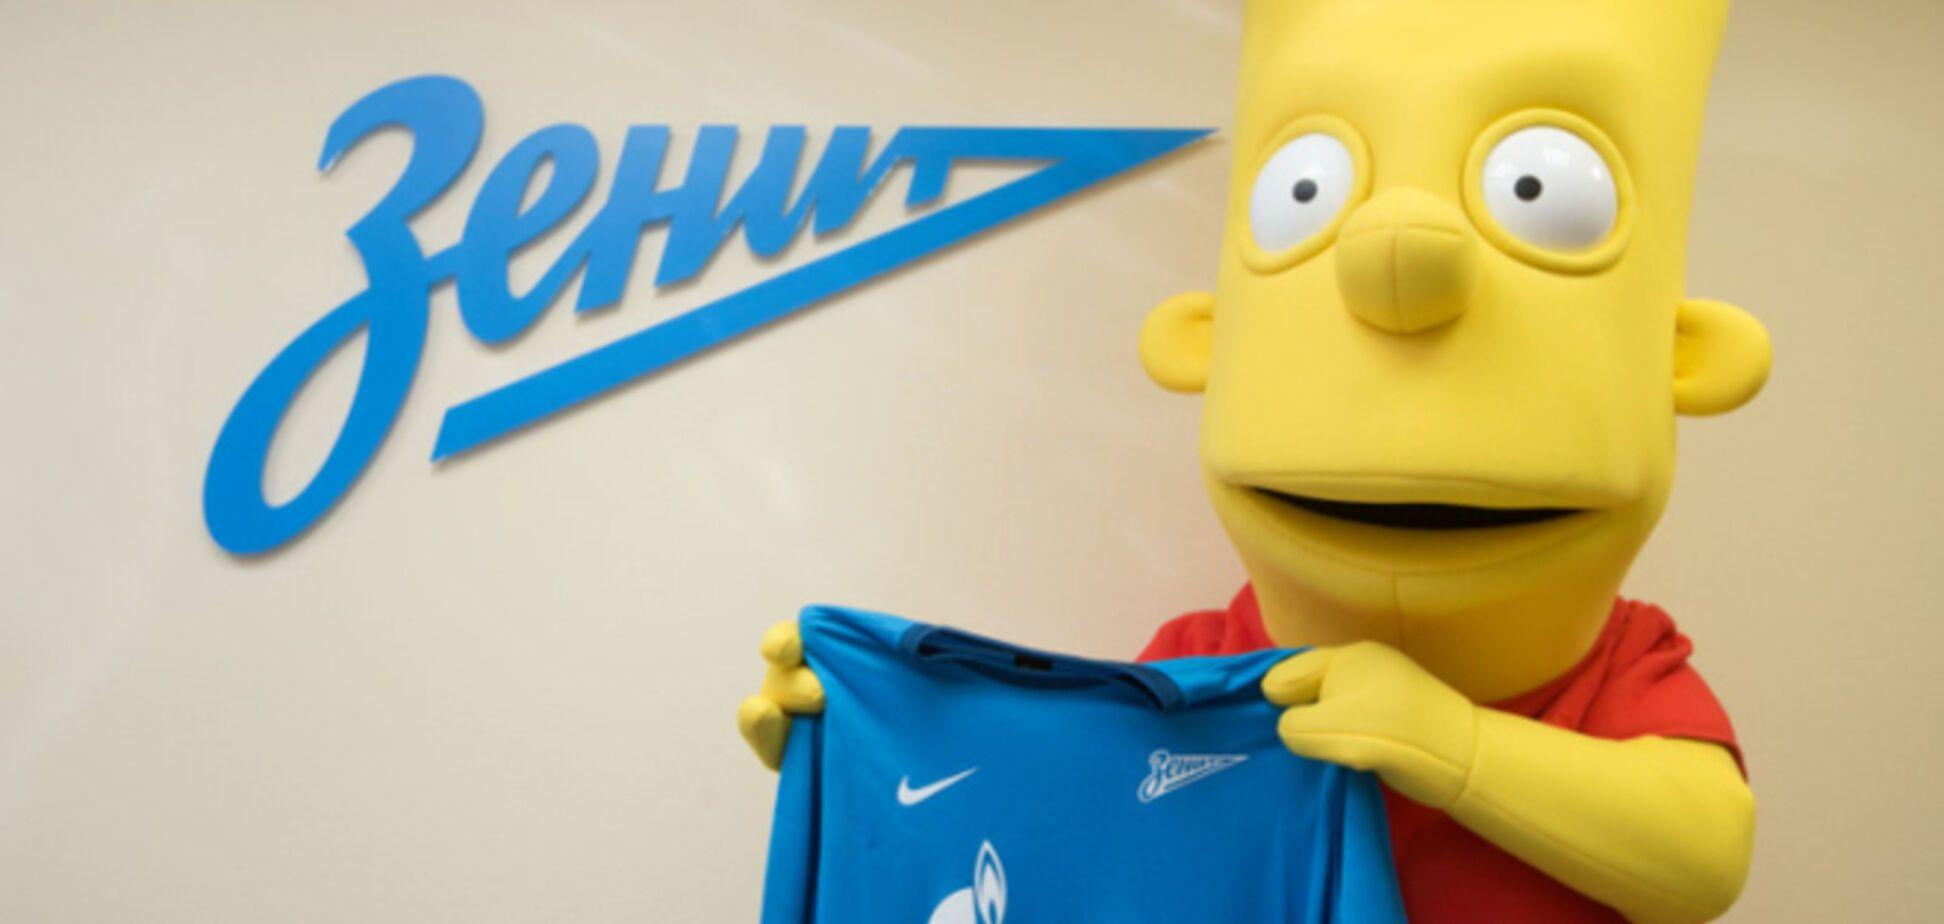 Персонаж американского мультсериала 'Симпсоны' стал талисманом питерского 'Зенита'